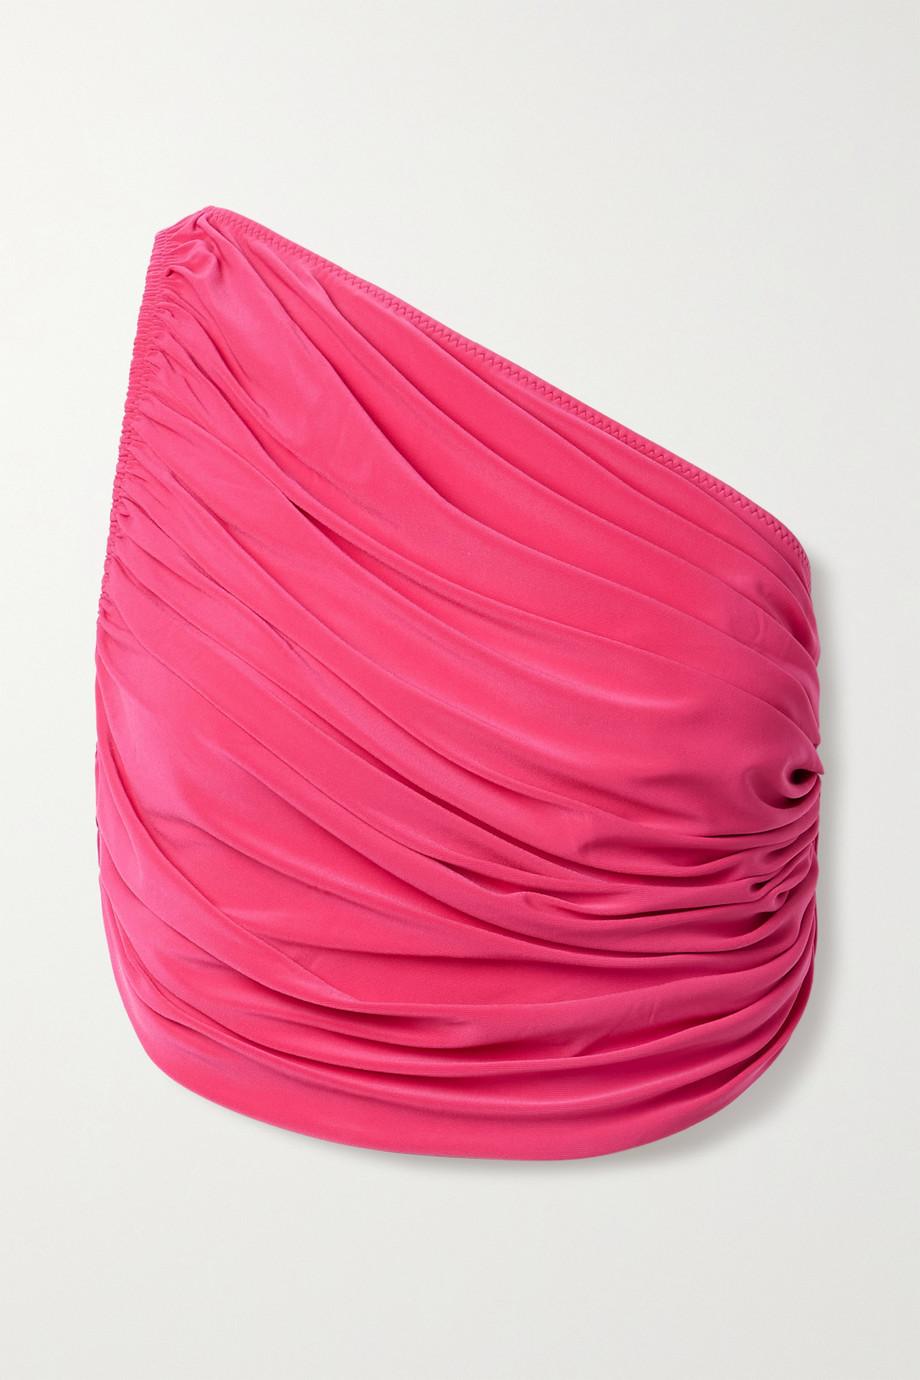 Norma Kamali Diana gerafftes Bikini-Oberteil mit asymmetrischer Schulterpartie